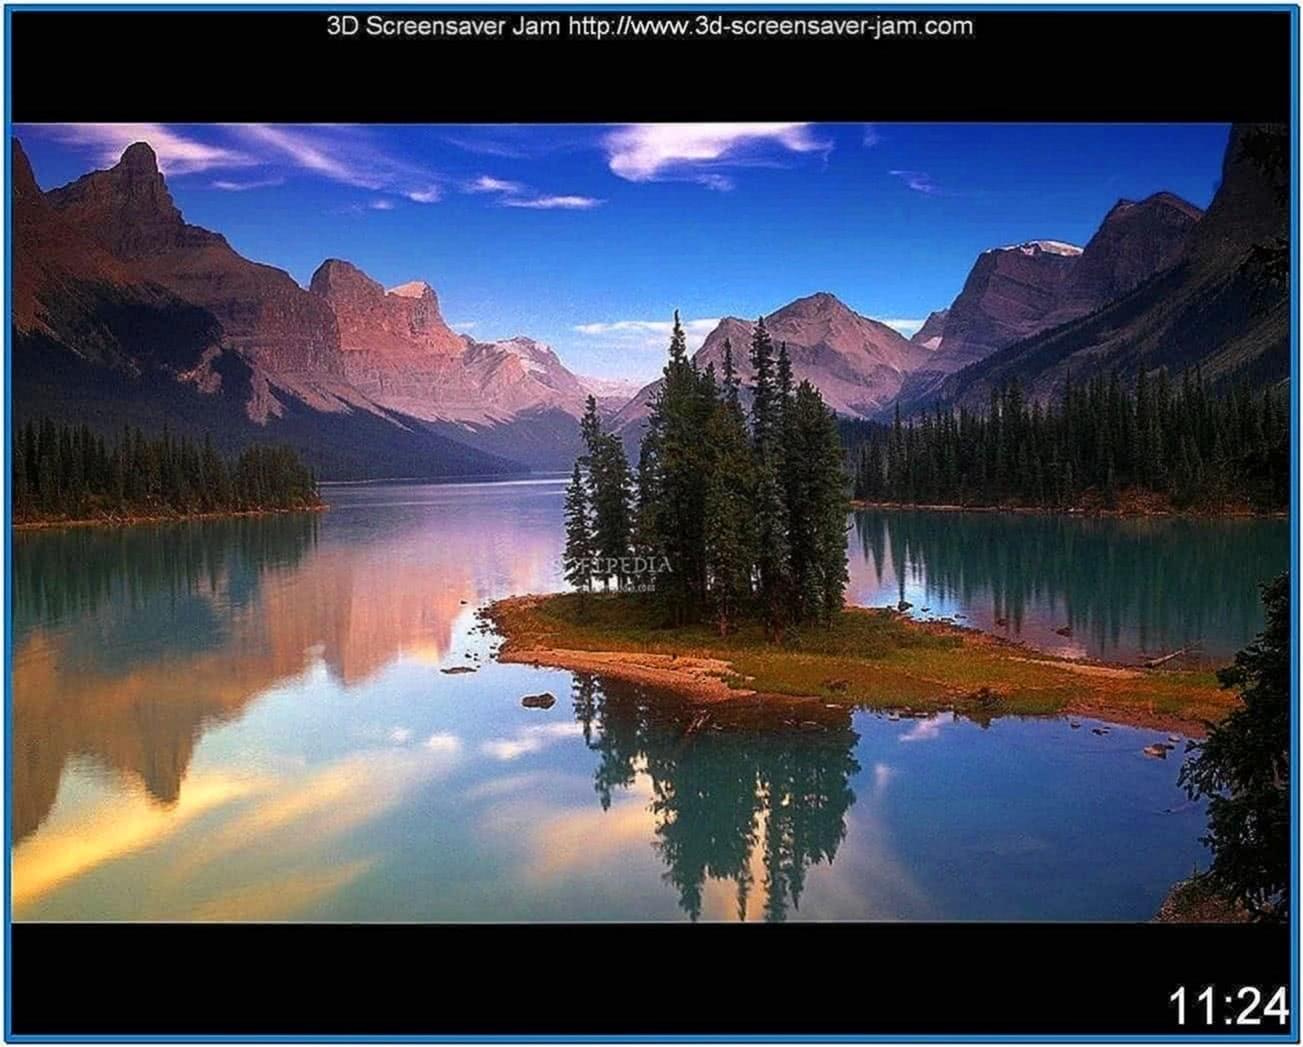 3D Screensaver for Windows 7